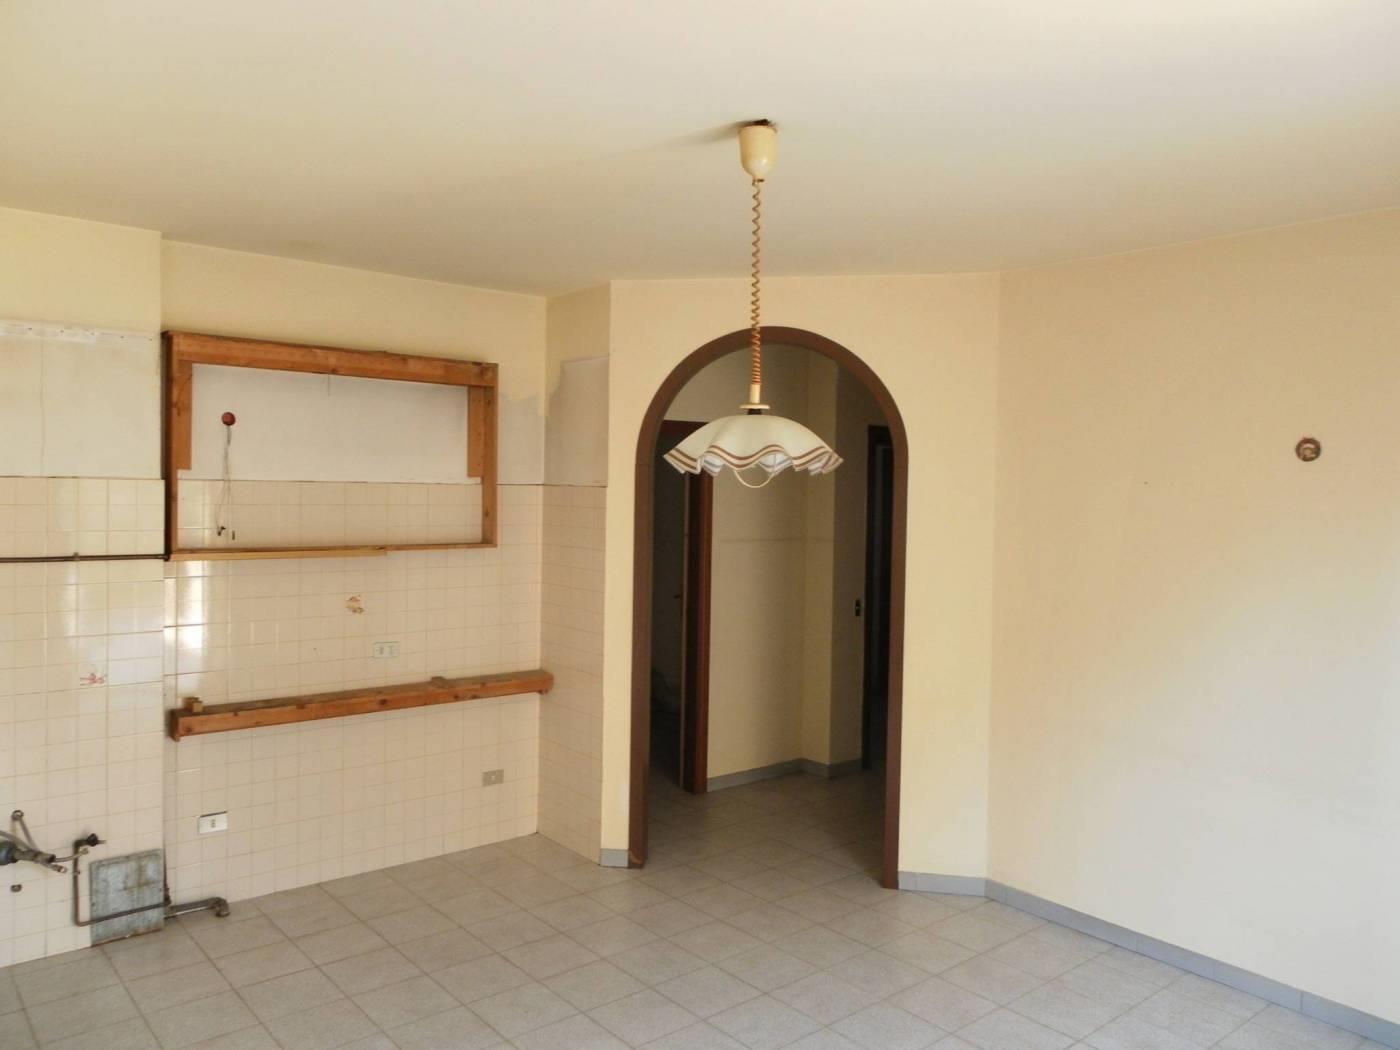 Foto 13 - Appartamento in Vendita - Mezzago (Monza e Brianza)